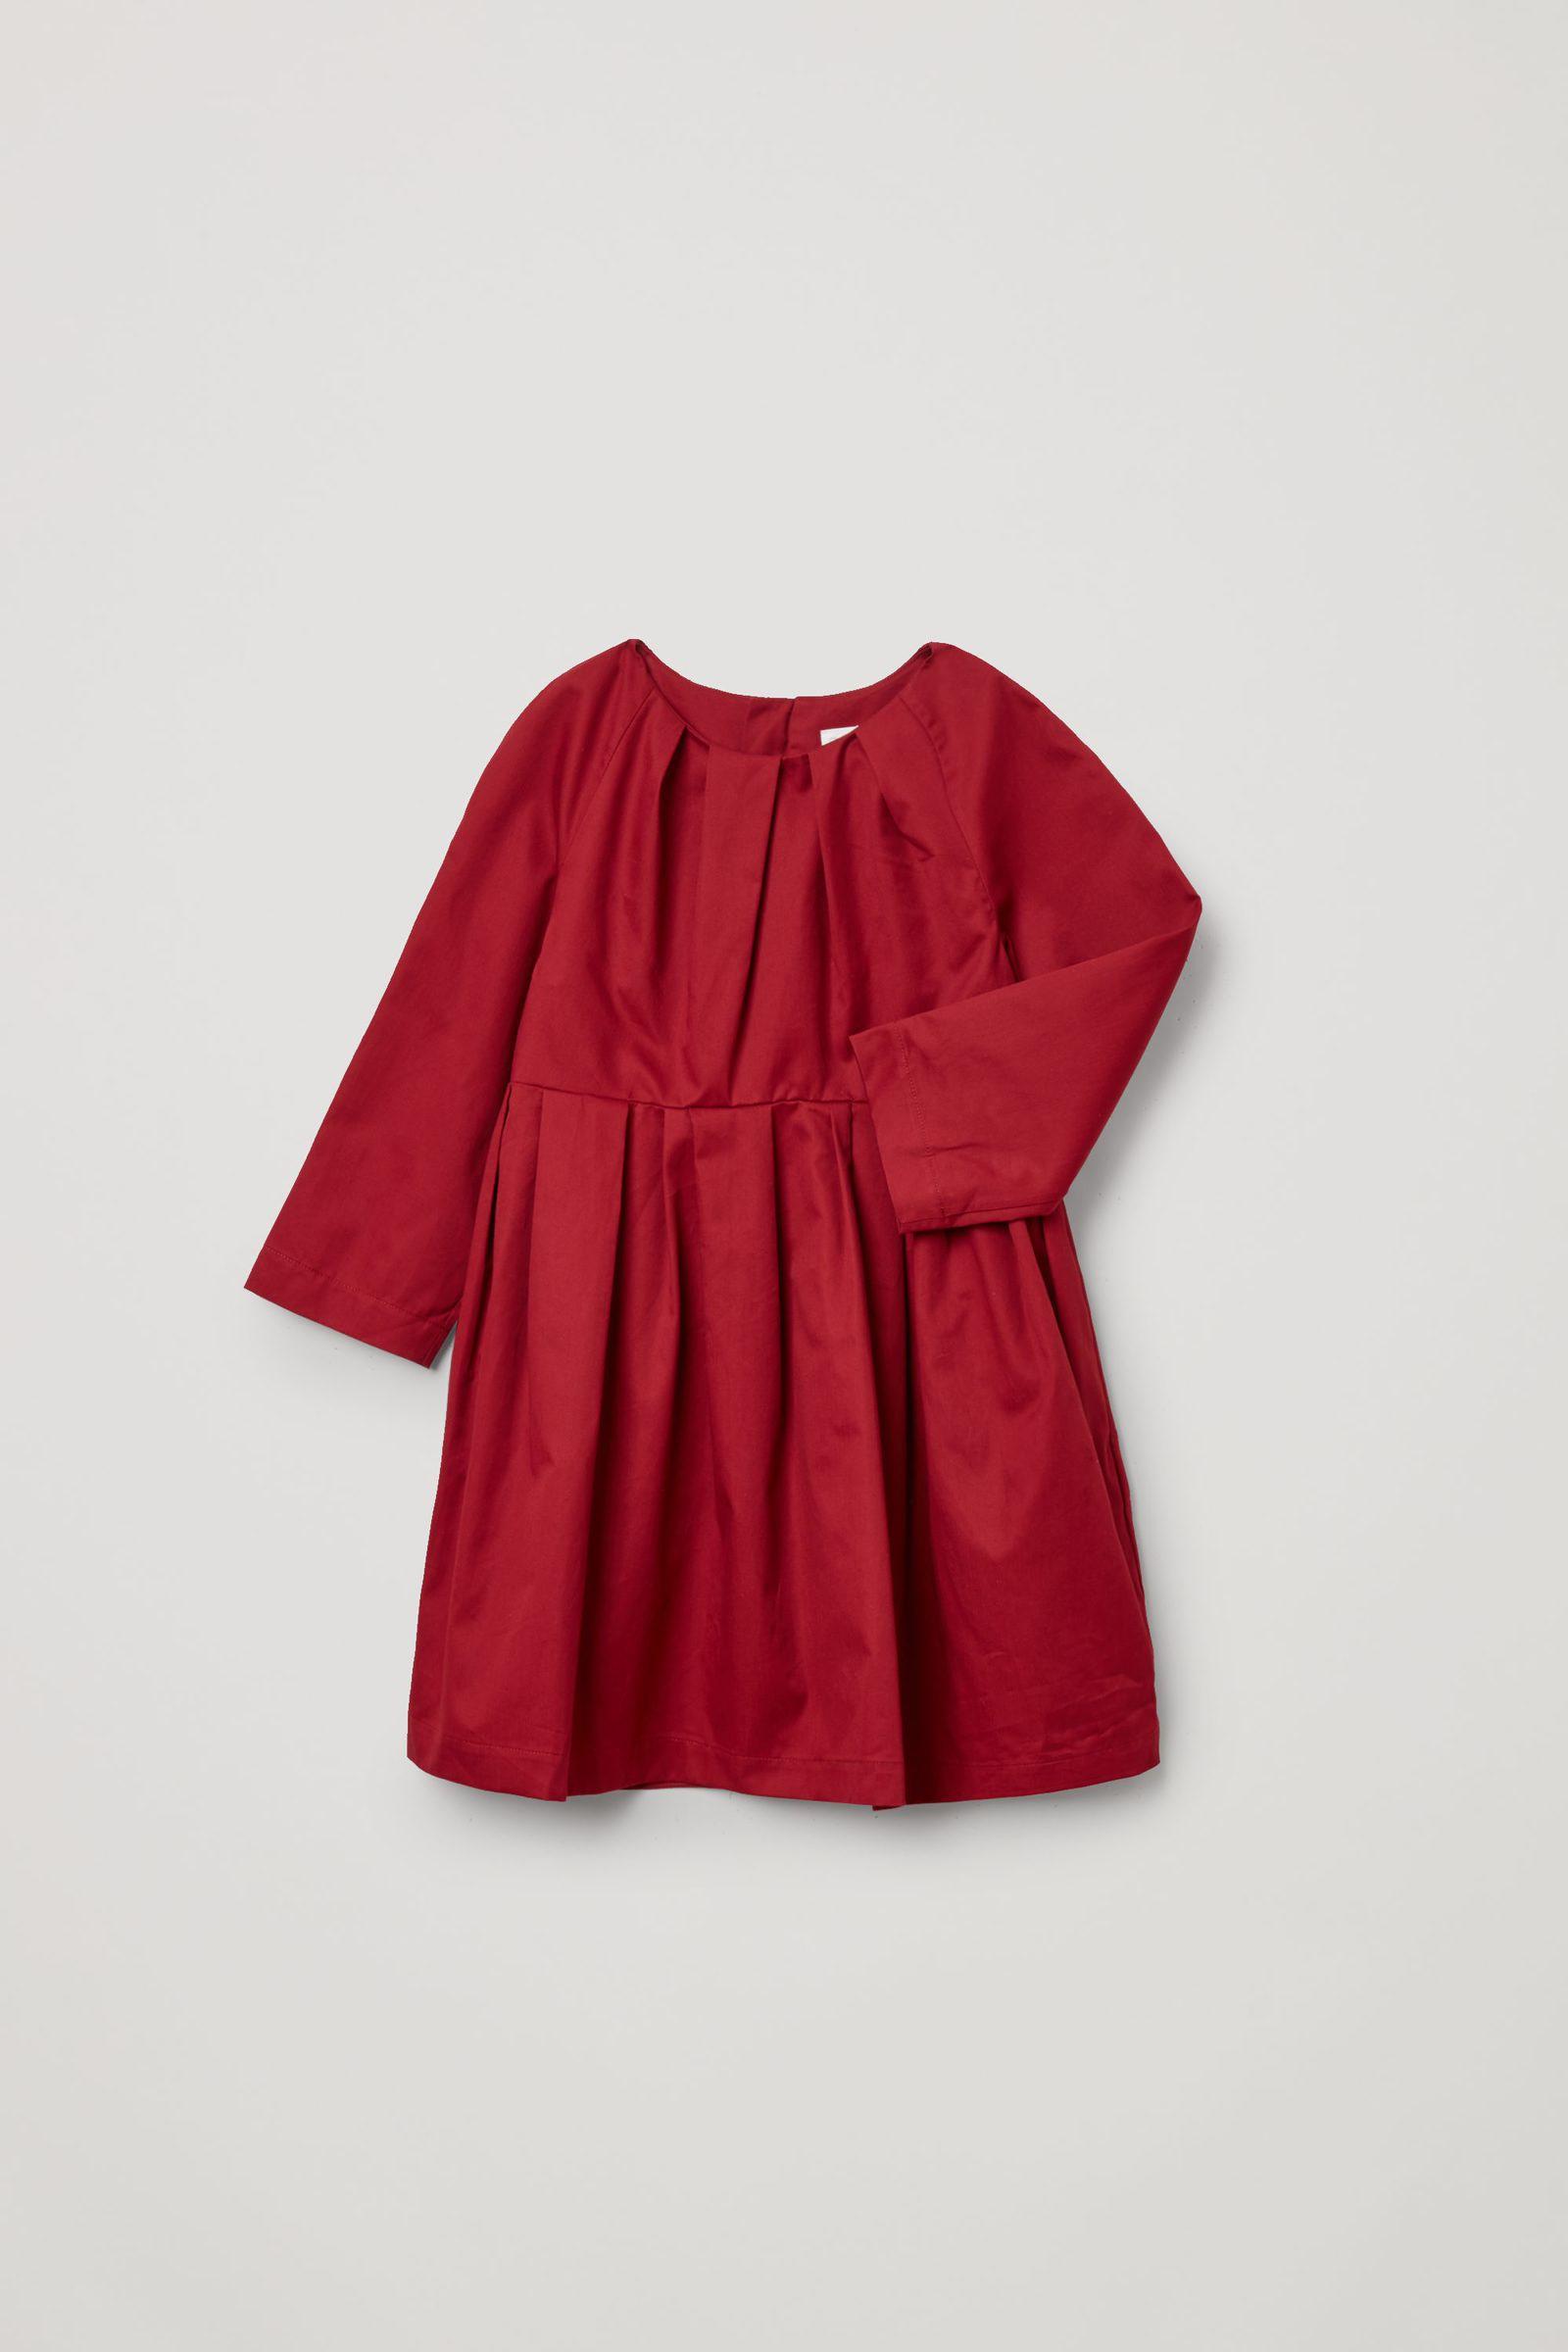 COS 플리티드 코튼 드레스의 레드컬러 Product입니다.